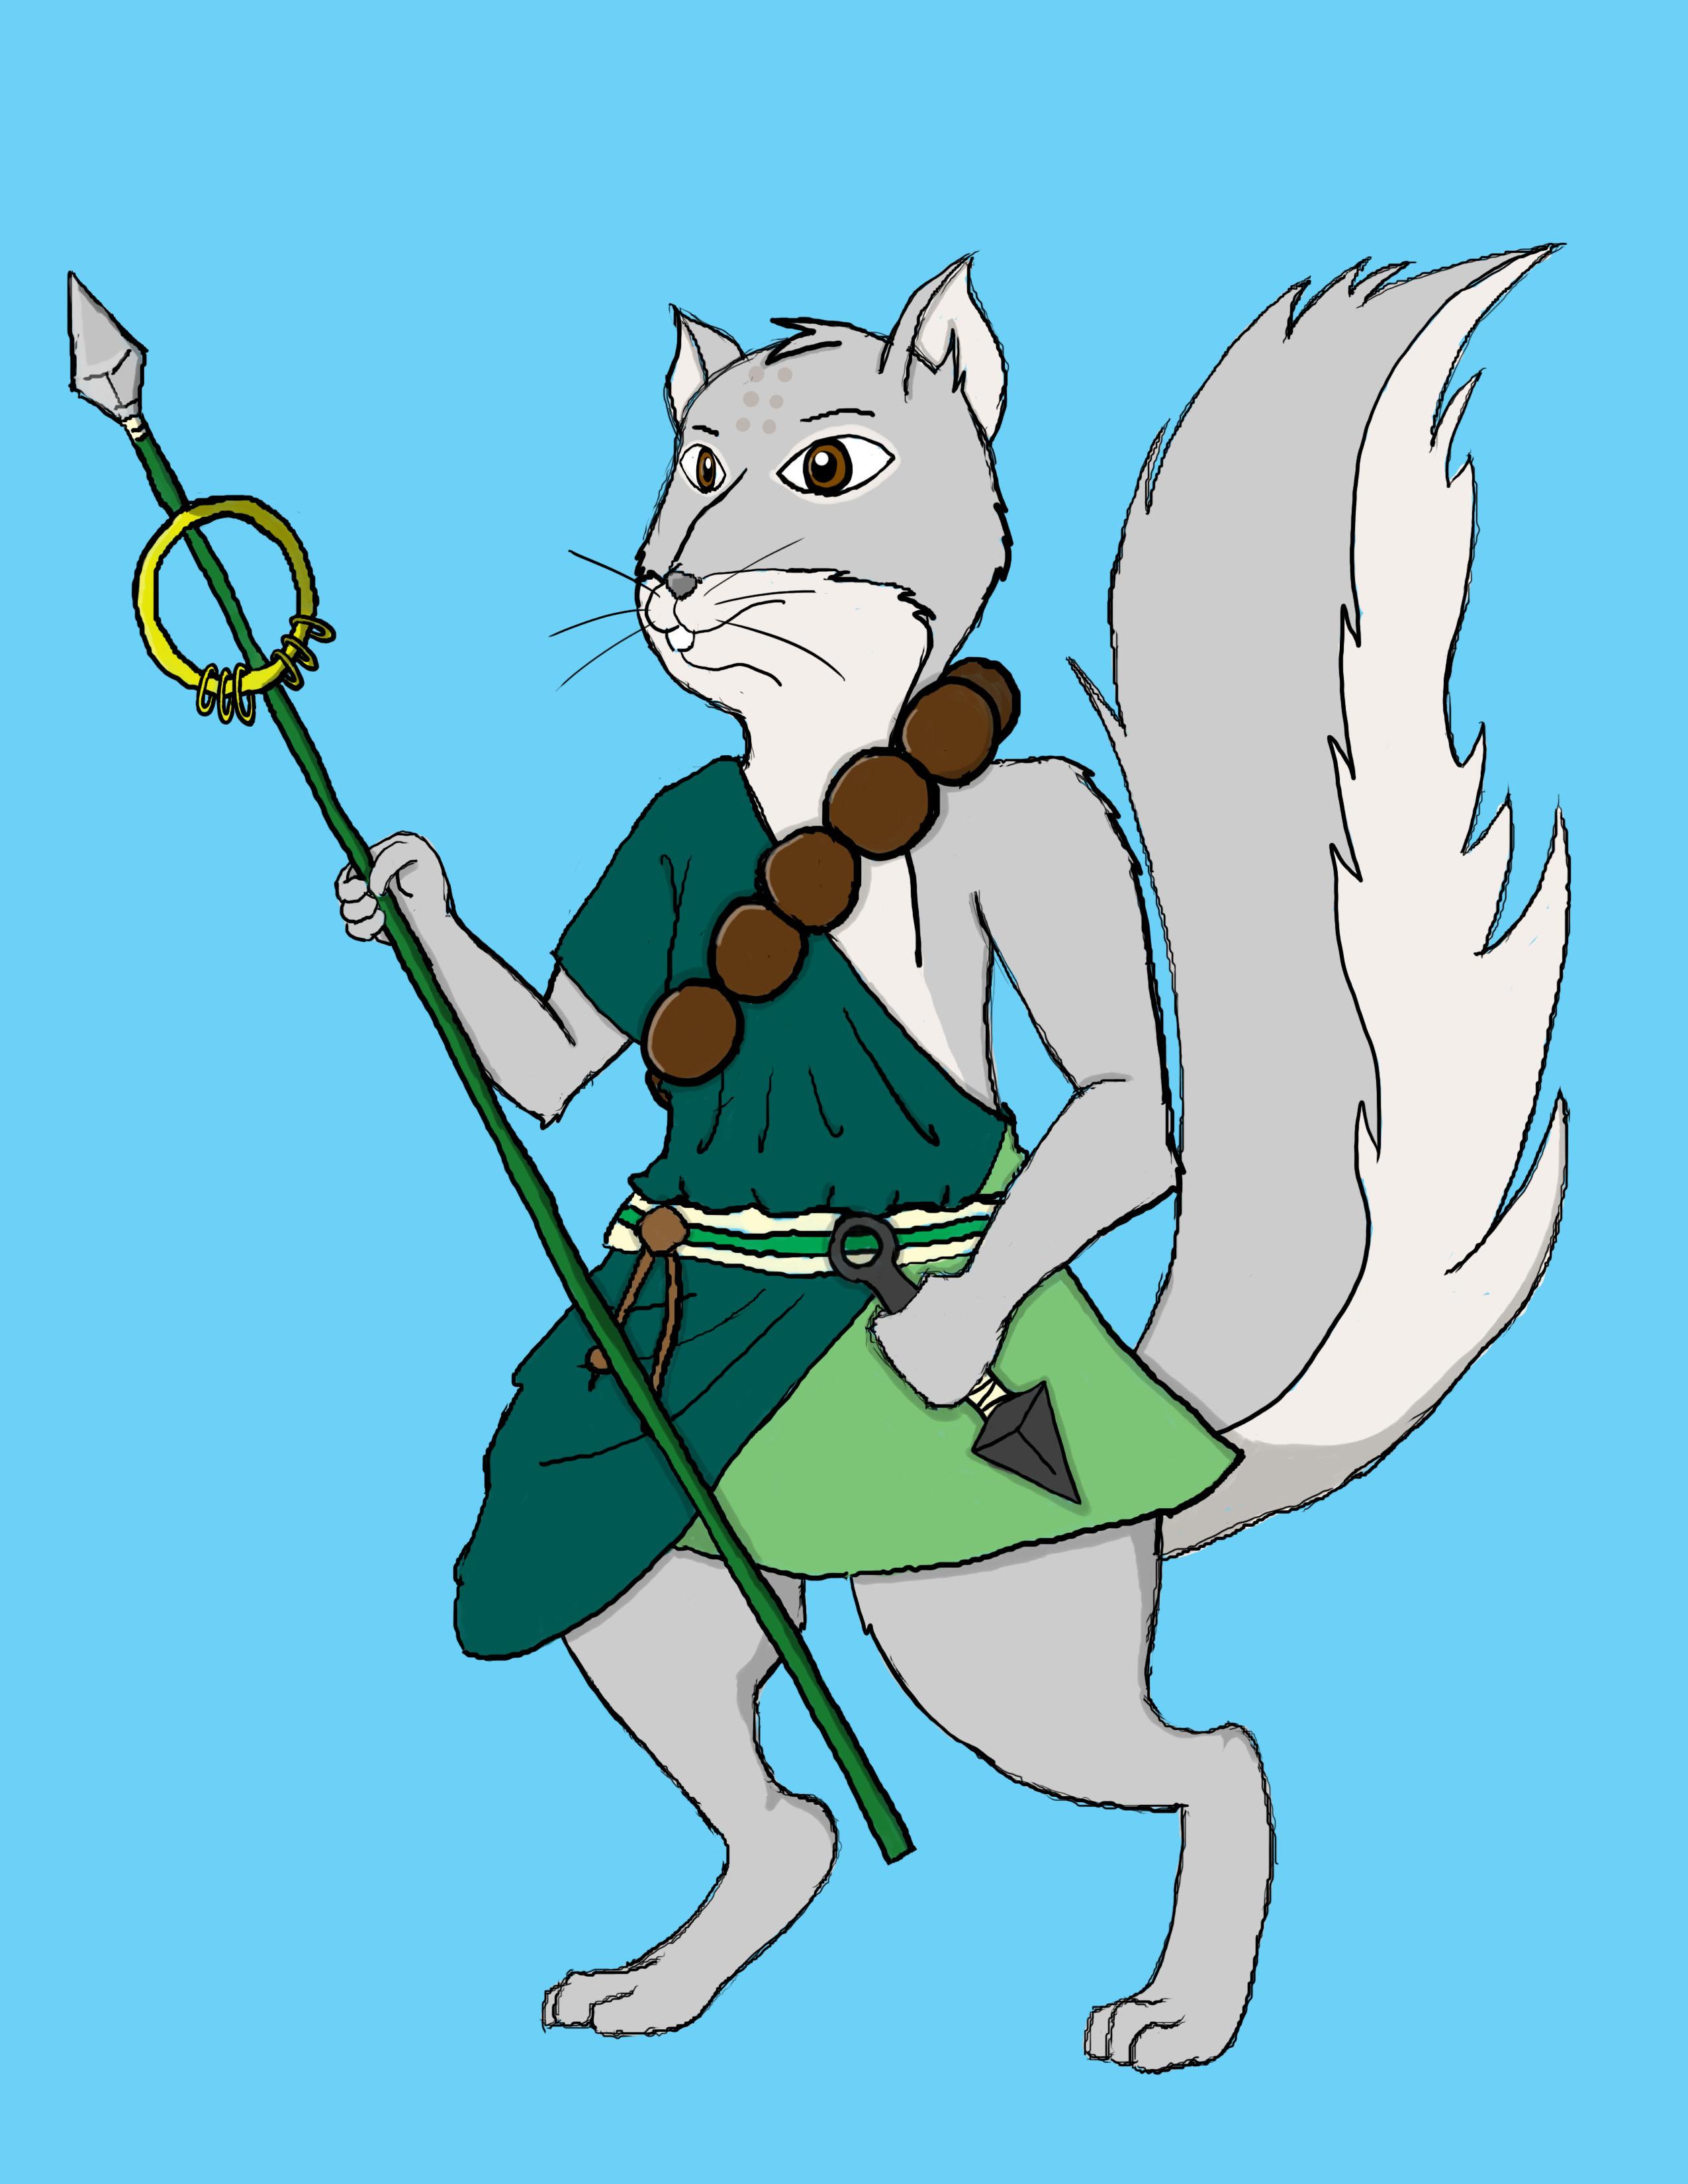 Mamoru the Squirrel Monk